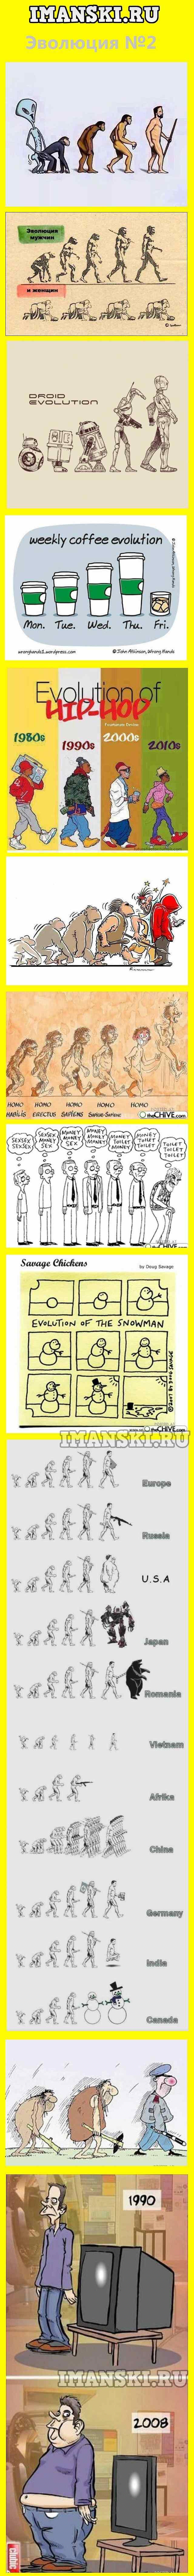 Карикатуры на эволюция человека и другое. №2